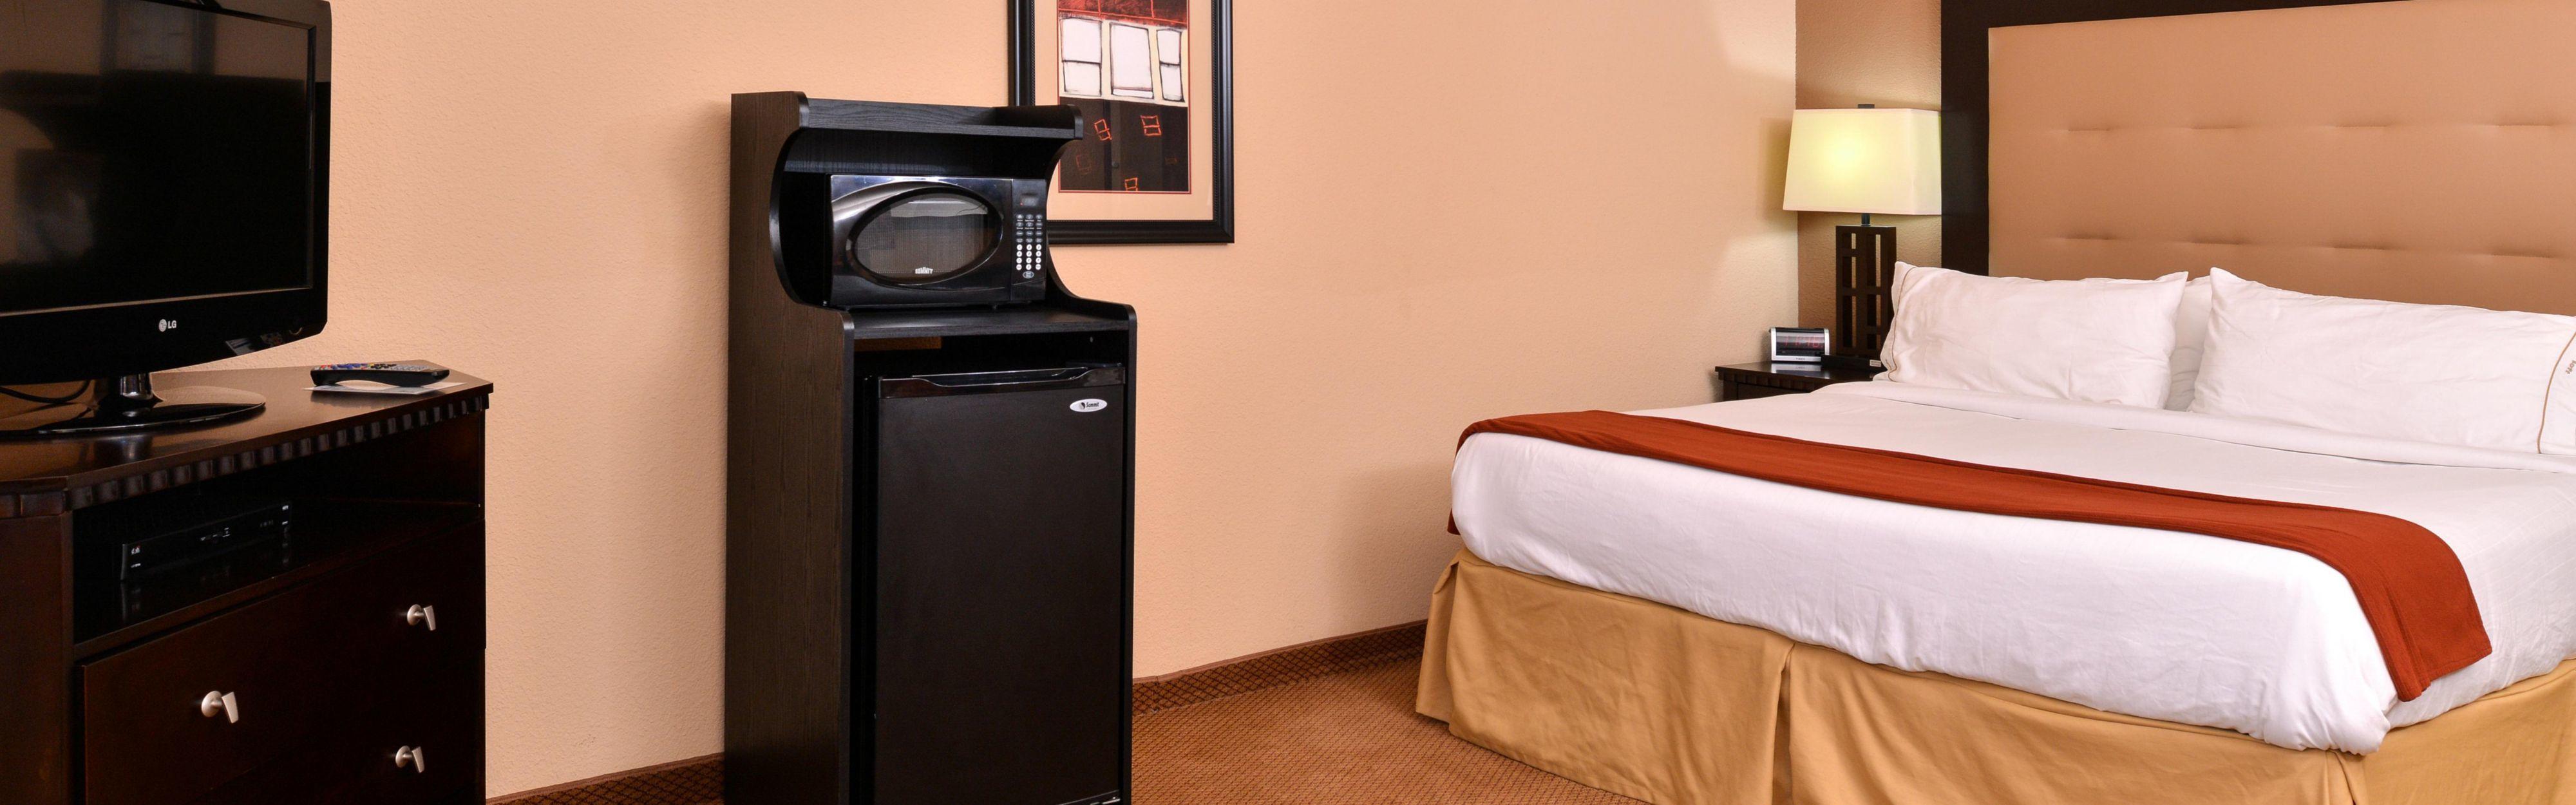 Holiday Inn Express & Suites Van Buren-Ft Smith Area image 1